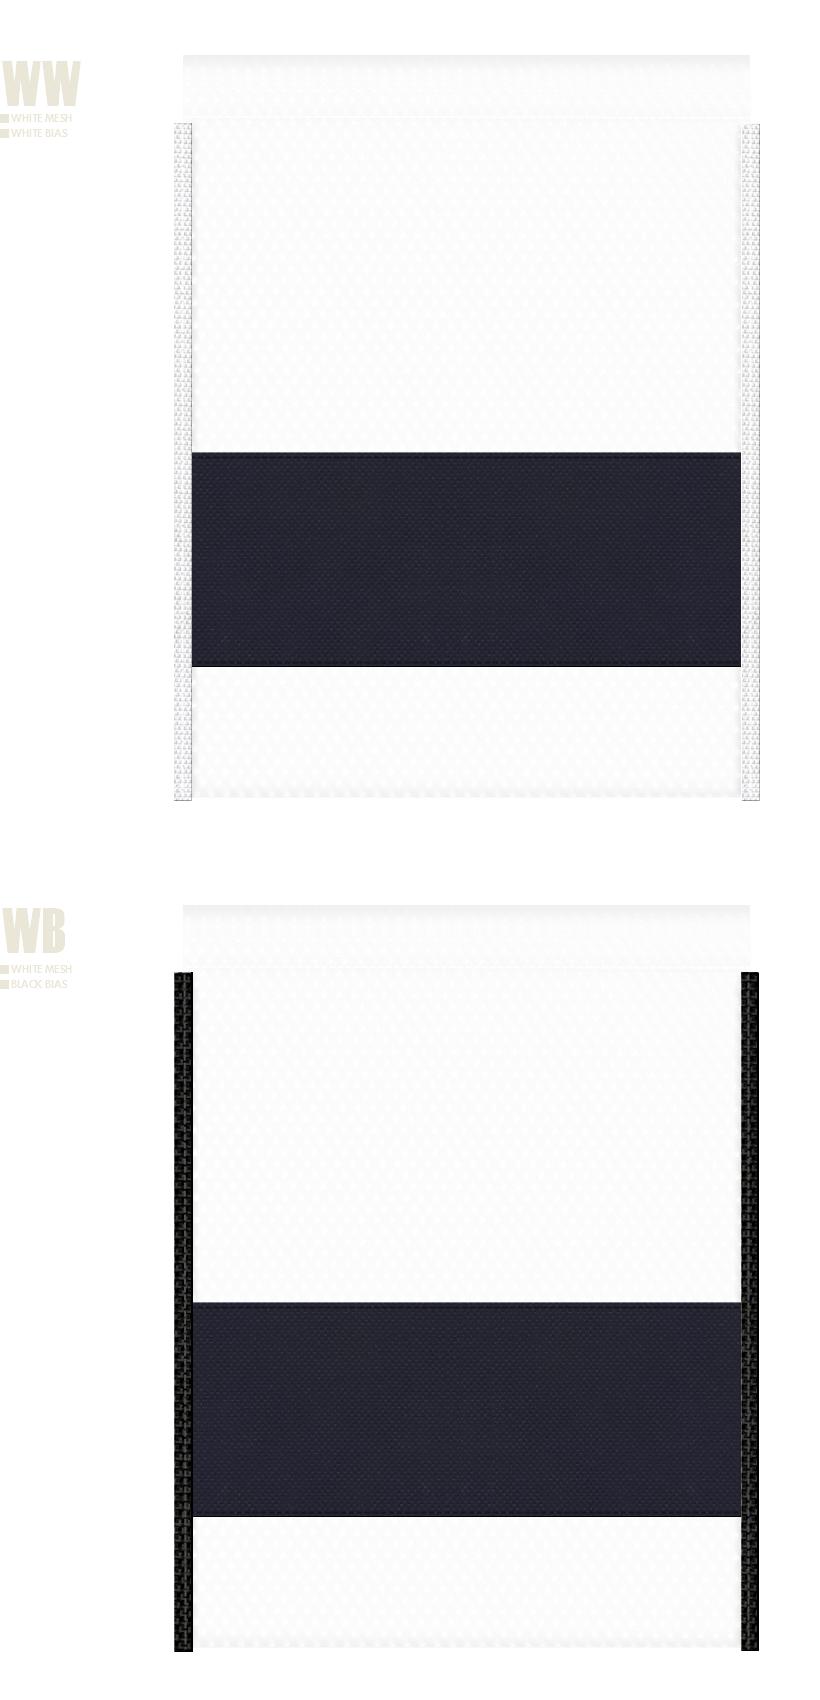 白色メッシュと濃紺色不織布のメッシュバッグカラーシミュレーション:キャンプ用品・アウトドア用品・スポーツ用品・ビーチサンダル・シューズバッグ・水族館・マリングッズ・マリンスポットのノベルティにお奨め